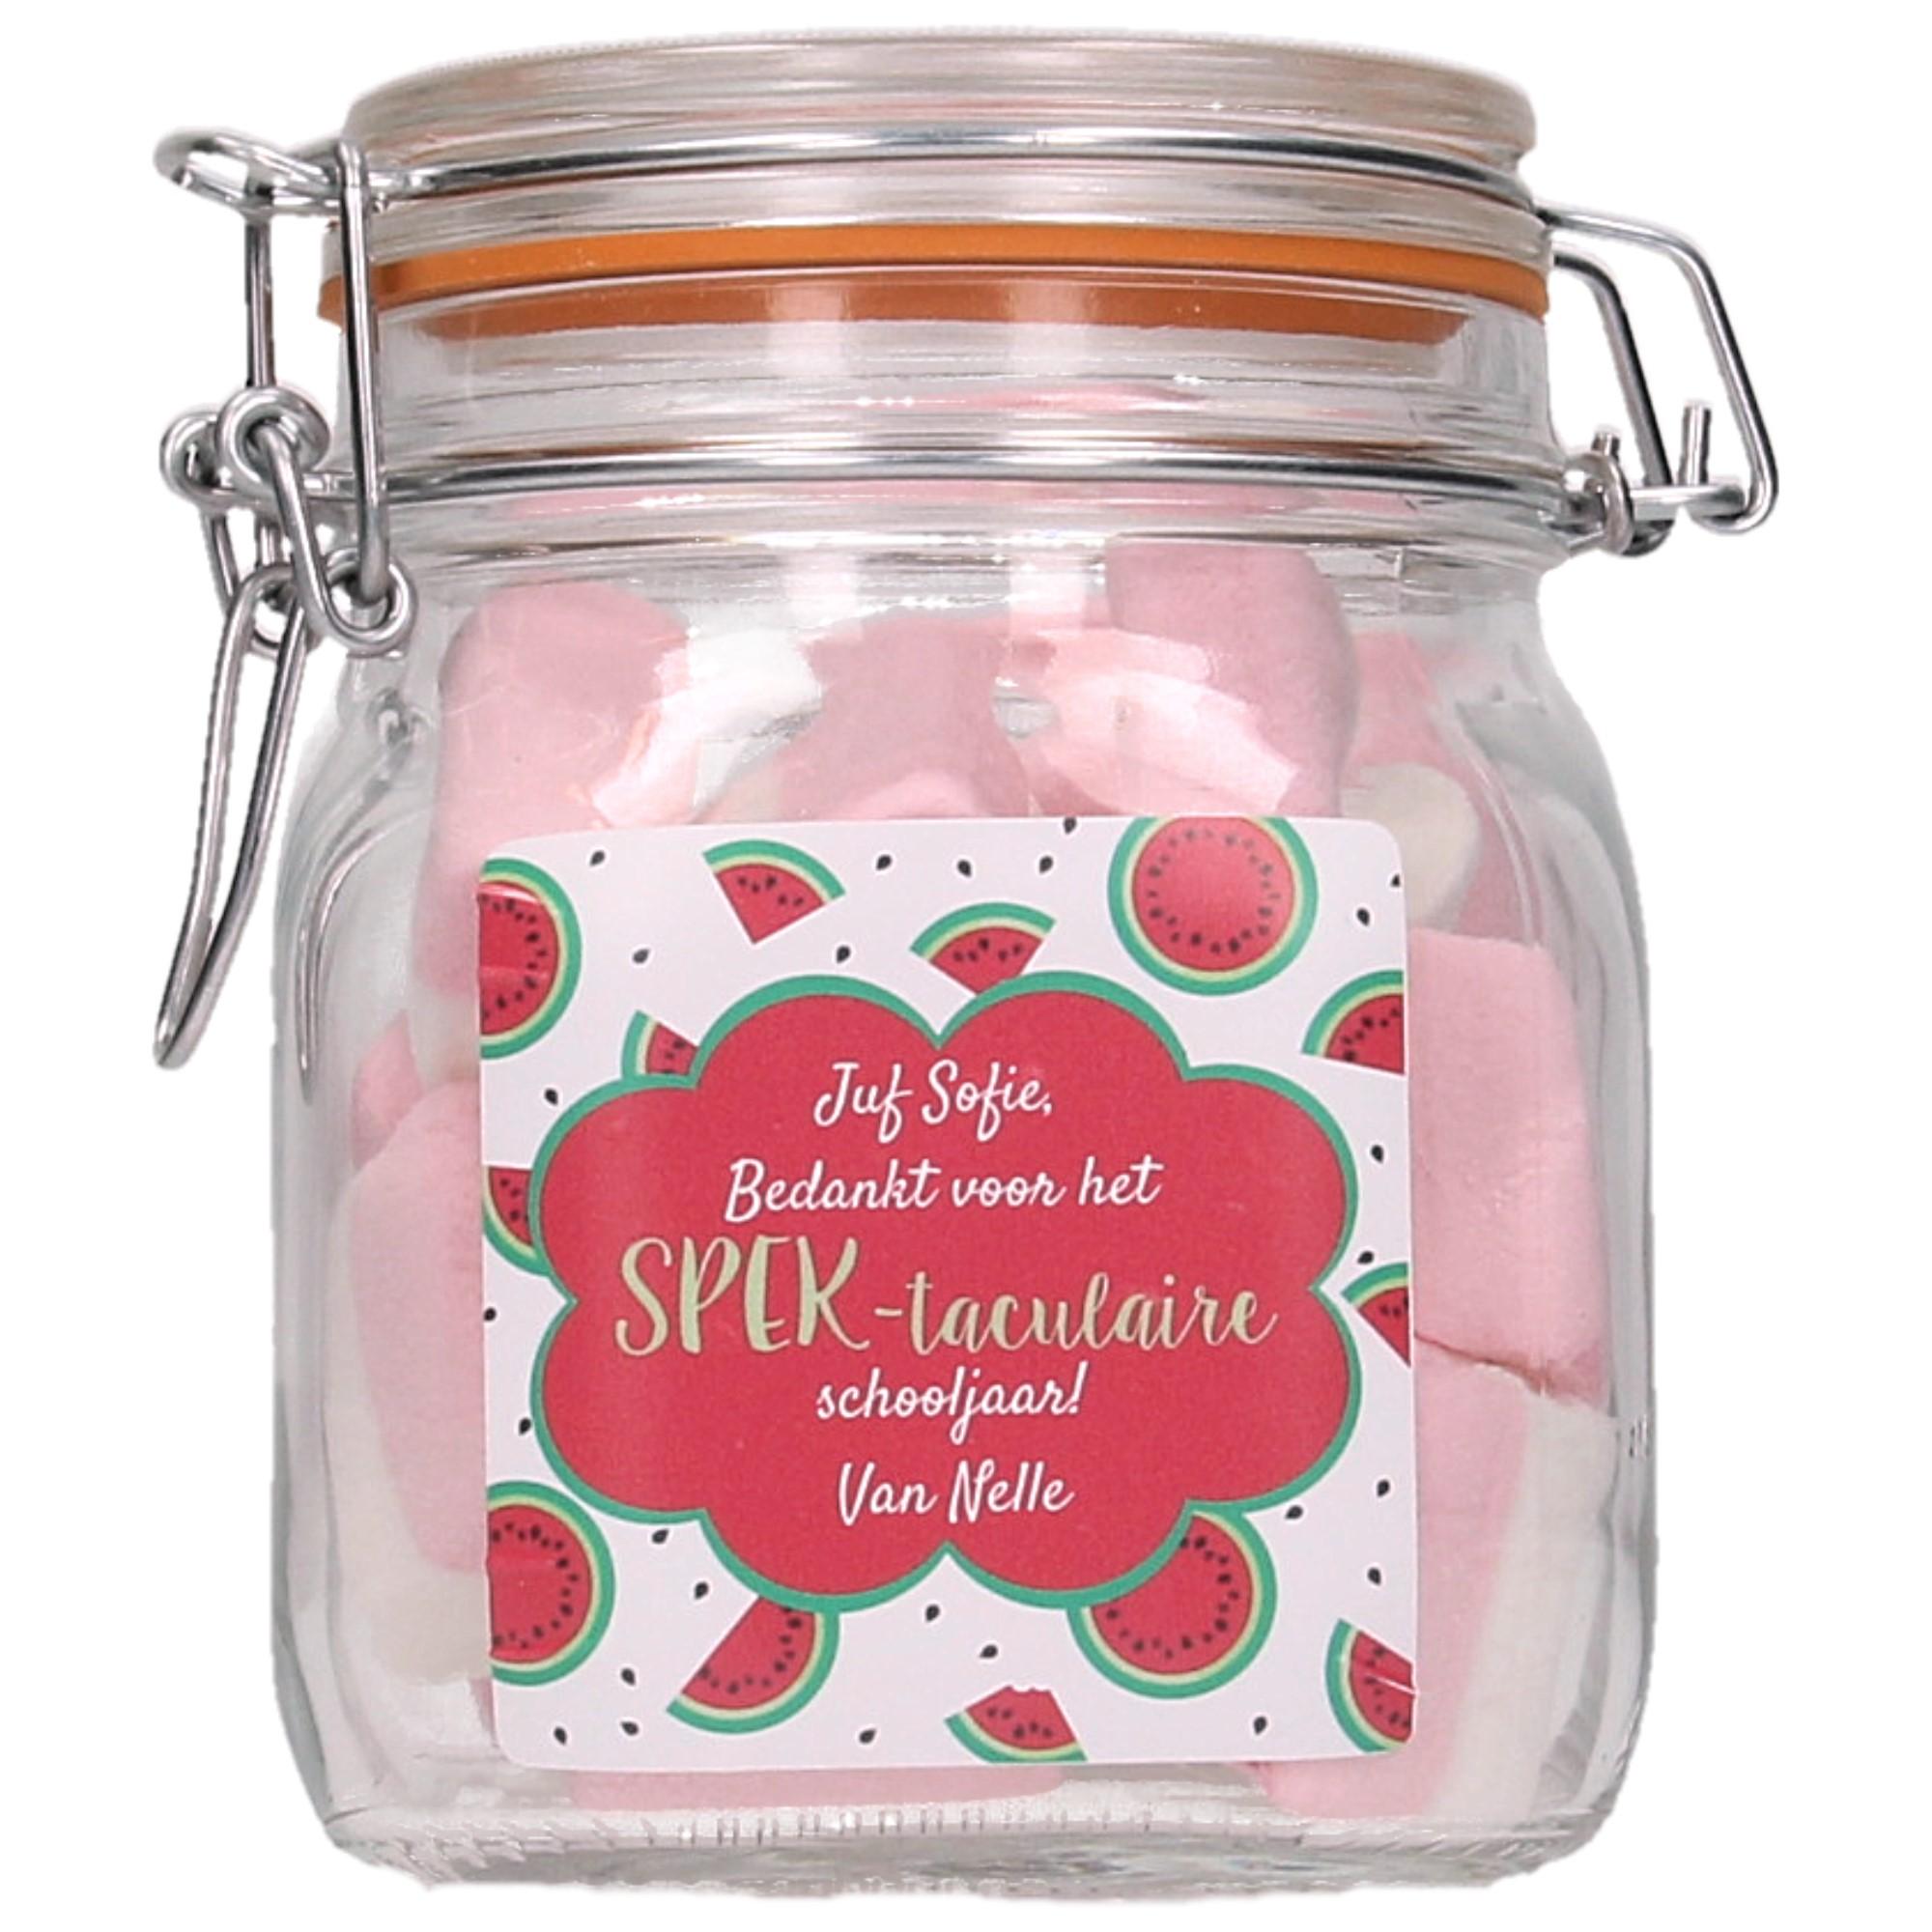 Spekpot 'Bedankt voor het SPEKtaculaire schooljaar' - Watermeloen